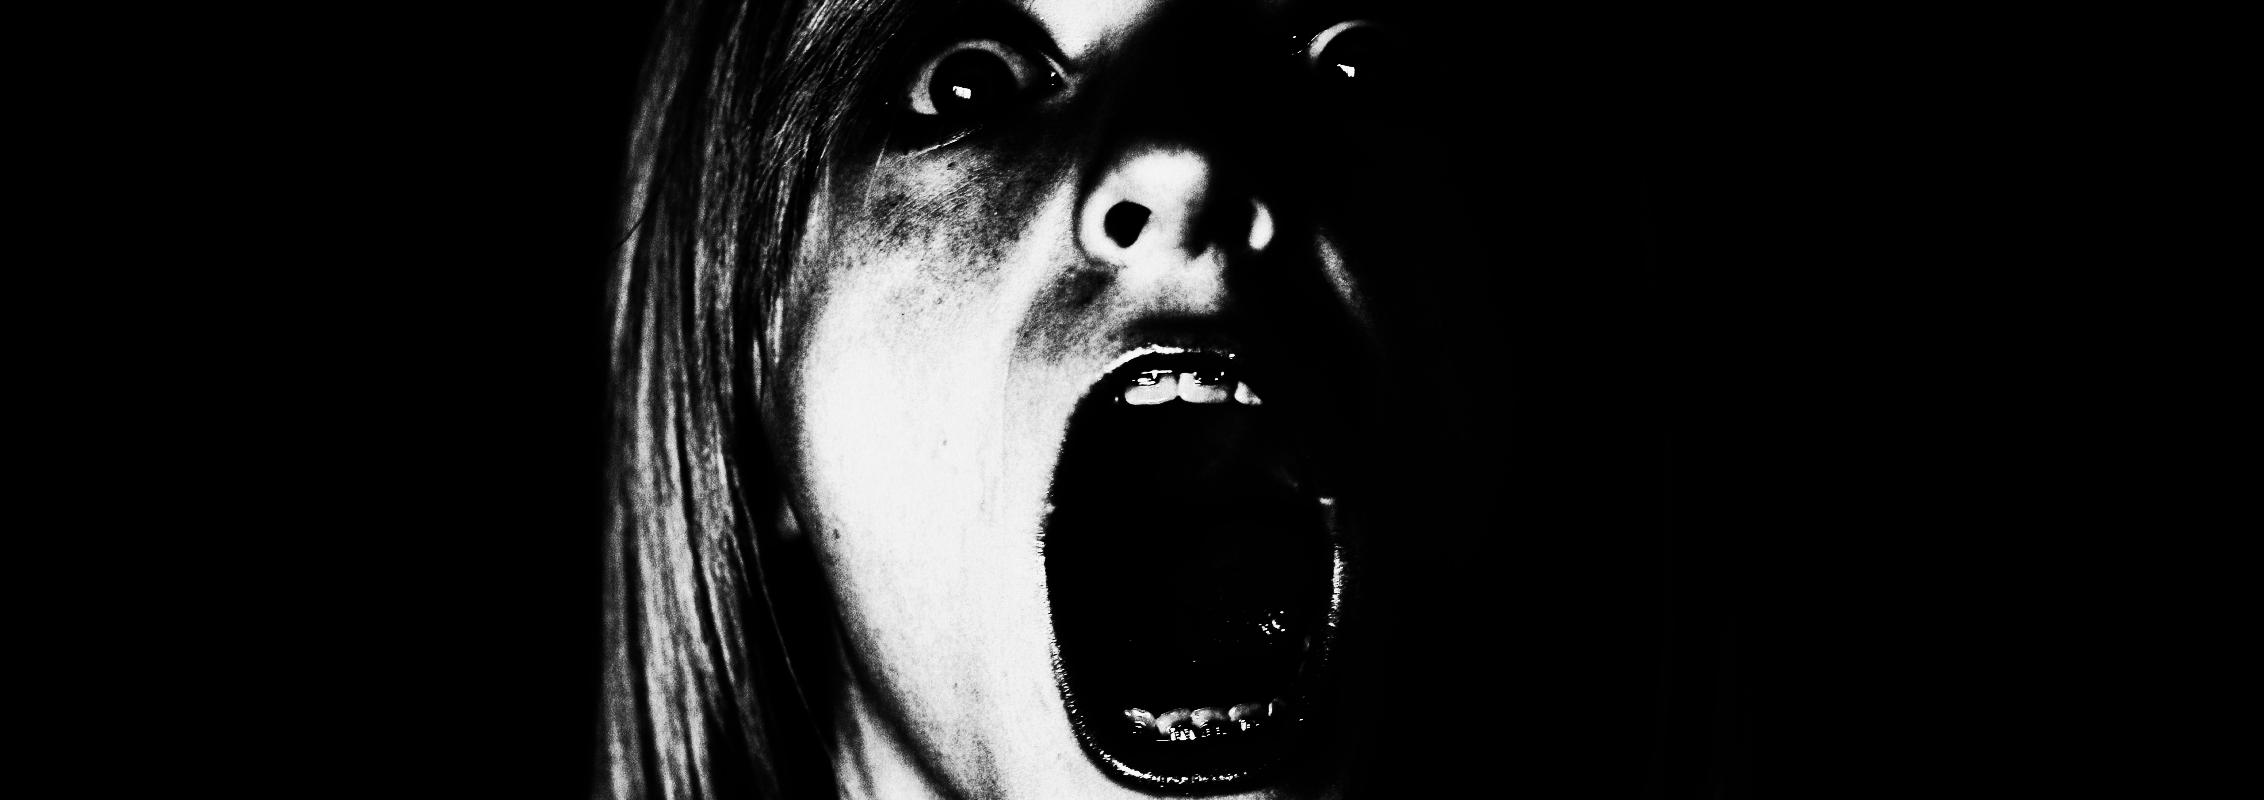 http://denkfabrikblog.de/wp-content/uploads/2013/02/2013-02-07_schrei_angst.png